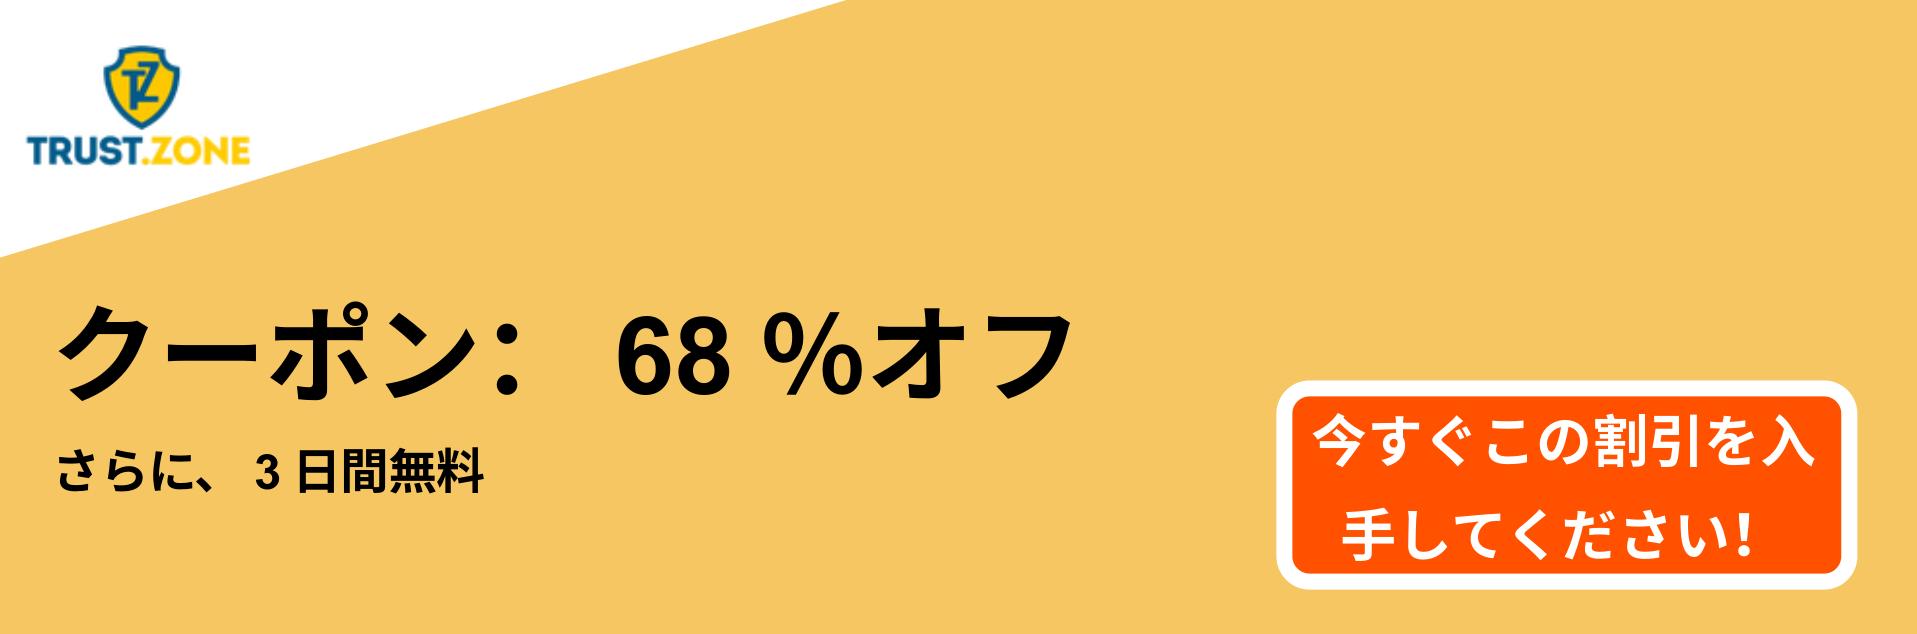 Trust.Zone VPNクーポンバナー-68%オフ